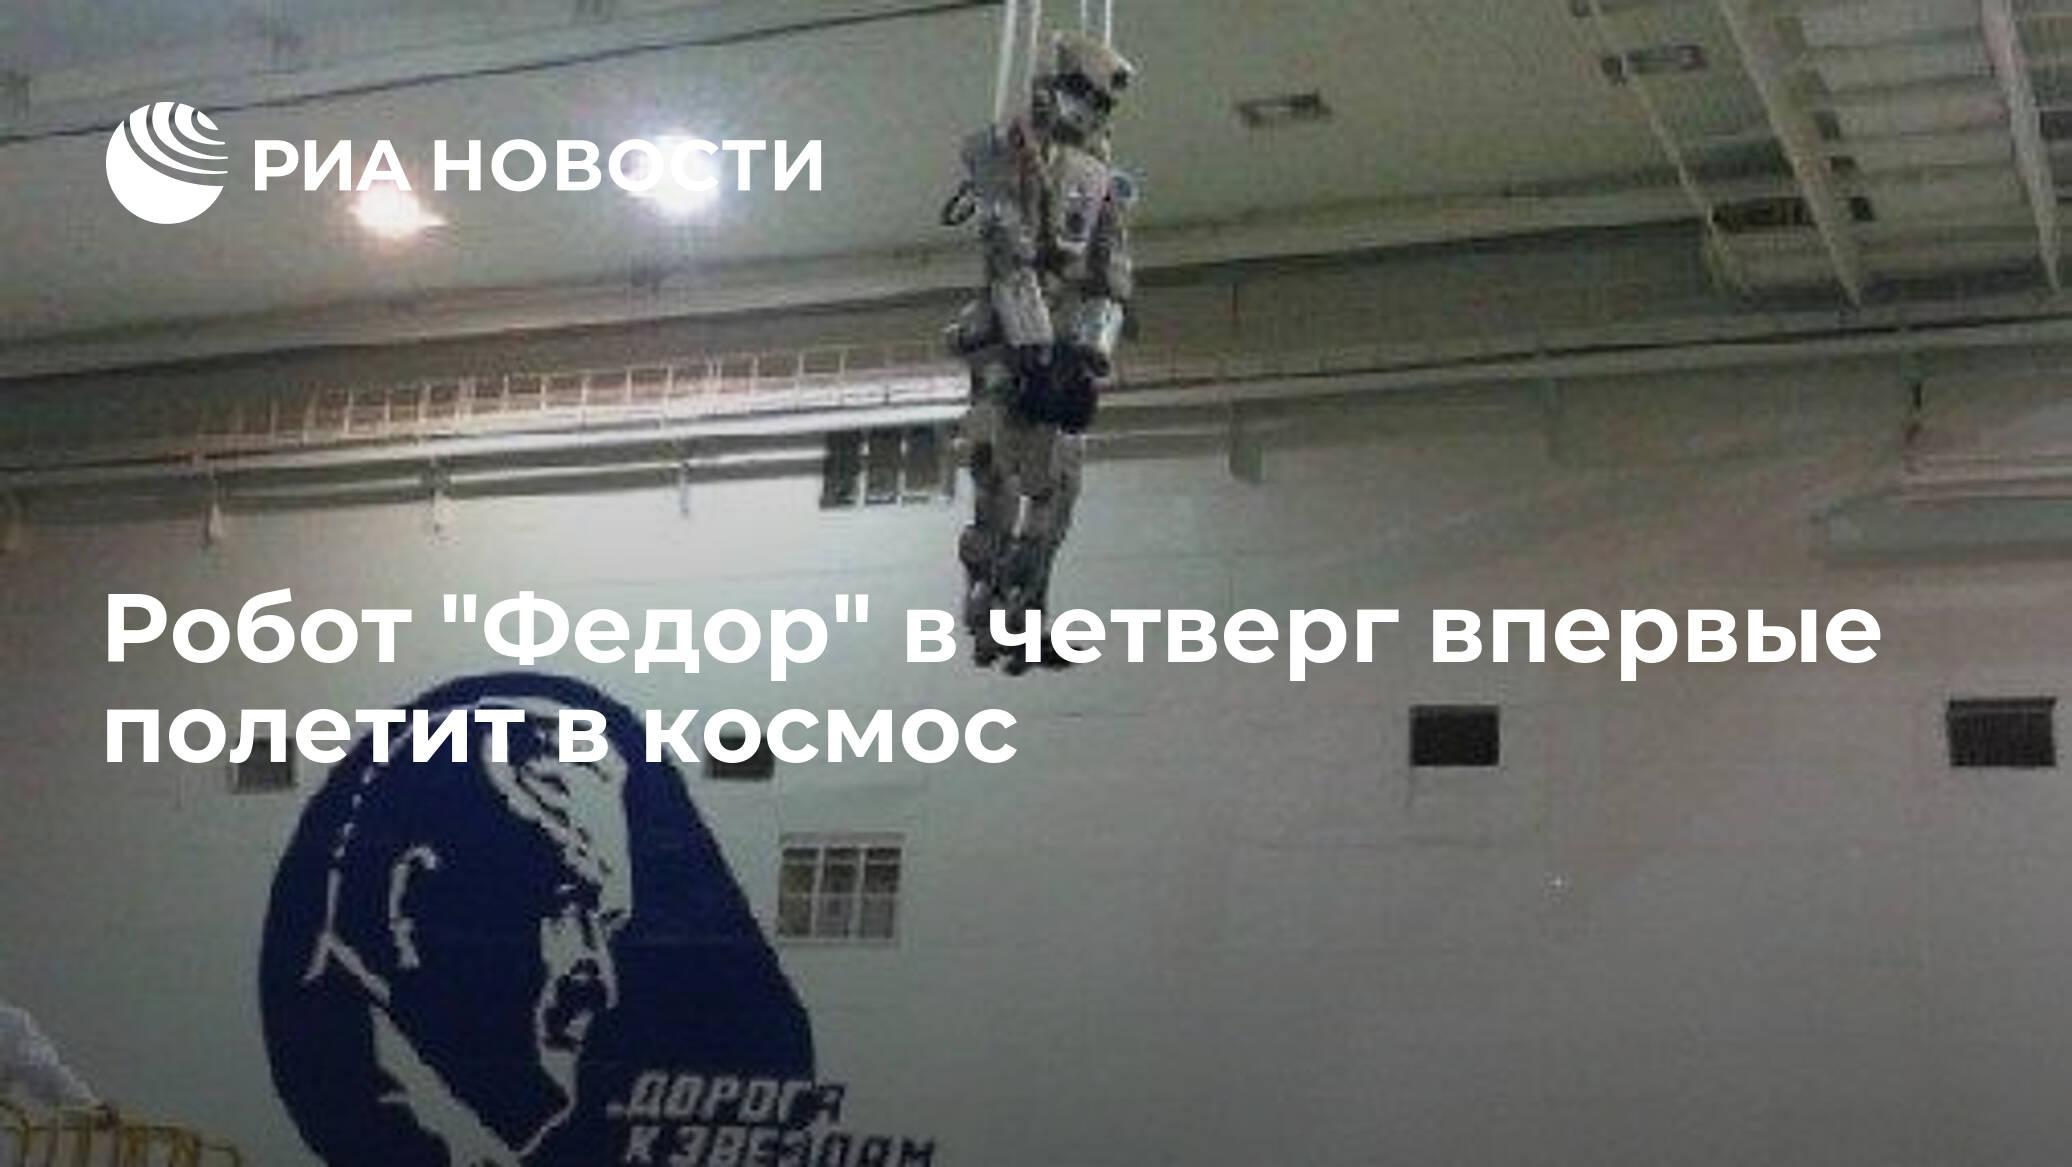 """Робот """"Федор"""" в четверг впервые полетит в космос - РИА ..."""